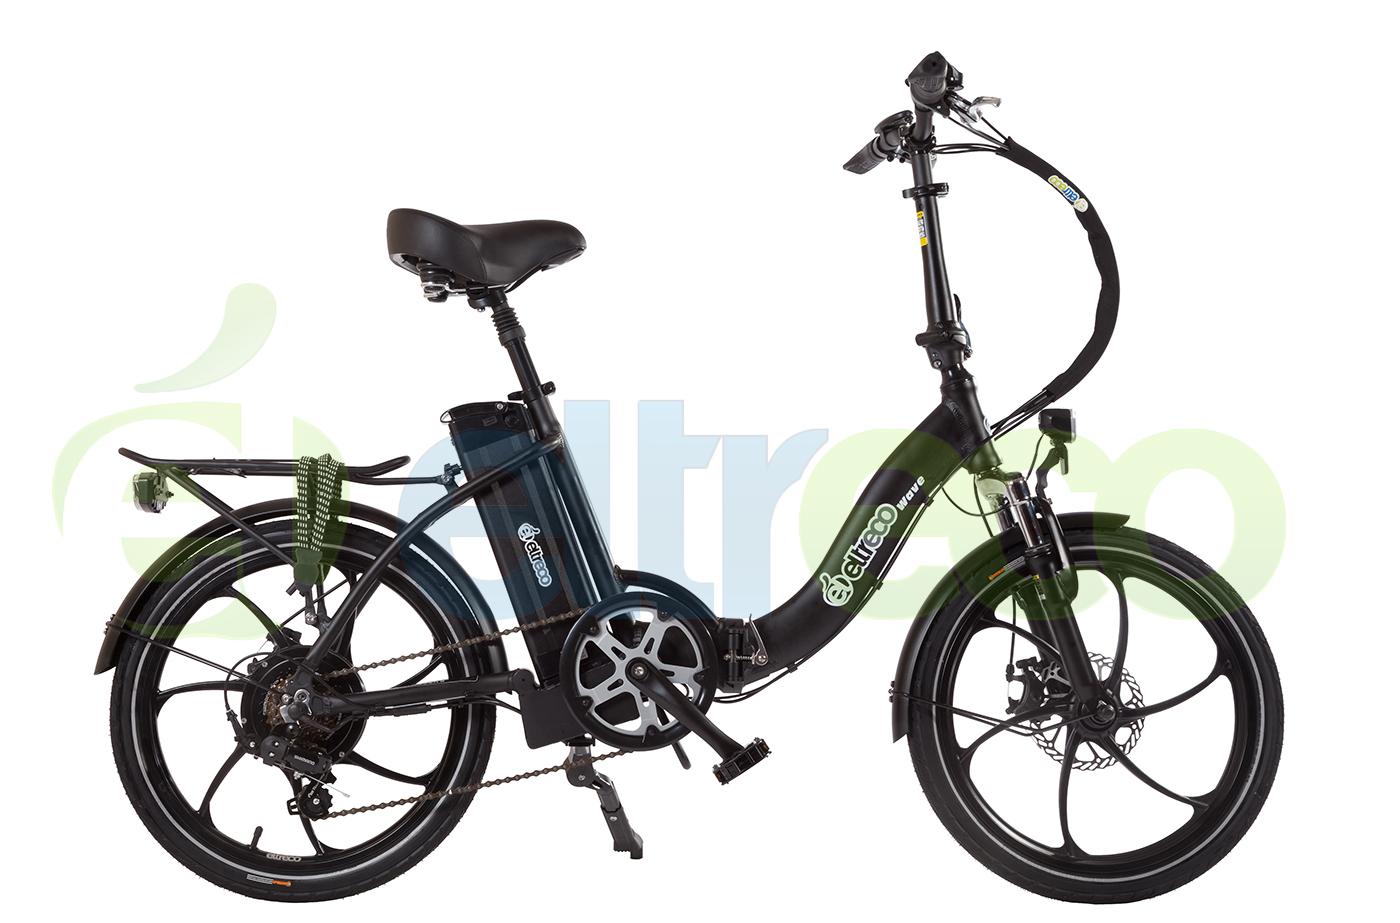 ELTRECO WAVE 500W NEWВелогибрид модели Wave 500W New – еще один складной велогибрид от компании Eltreco. С ним и по асфальту в городе, и по грунтовке на даче можно ощутить отличную динамику без усталости в ногах и без вибраций в кистях рук.<br><br>500-ваттный электромотор этого складного велогибрида обеспечивает прекрасный разгон с места. И если в городе это позволит полноправно чувствовать себя в транспортном потоке, то в деревне поможет скрыться от стаи собак, норовящих облаять и покусать велосипедиста. А еще с таким двигателем не придется до умопомрачения крутить педали в горку – электромотор возьмет эту задачу на себя.<br><br><br><br><br>Максимальная скорость: не менее 25 км/ч<br>Пробег: 45-60 км<br>Тормоза передние: дисковые механические тормоза Artek 160 мм<br>Тормоза задние: дисковые механические тормоза Artek 160 мм<br>Батарея: Li-ion Samsung 48V 11Ah<br>Двигатель: Bafang 48V 350W<br>Конструкция: складная<br>Вес: 27 кг<br>Максимальная нагрузка: 110 км<br>Управление: с помощью ручки газа<br>Колеса: 20'', литые диски<br><br><br>При взгляде на Eltreco Wave 500W New стоит заострить отдельное внимание на раме. Это усиленная конструкция из алюминиевого сплава 6061 с удобным механизмом складывания, который осилит даже ребенок. По своему размеру модель Wave отлично подойдет как для подростка, так и для взрослого райдера. Седло и руль легко регулируются по высоте, что позволяет «подгонять» электробайк под рост ребенка по мере его взросления. И нет сомнений, что с управлением этим велогибридом справятся даже дети! Ручка газа, синхронный режим с помощью пульта Pass Control или обычные педали – что в этом сложного?!<br><br>Велосипед с электромотором Eltreco Wave 500W New сам создан для того, чтобы возить на себе хозяина и грузы вместе с ним (общей массой до 110 кг).<br><br>Eltreco Wave 500W New – так просто оседлать волну удовольствия!<br><br>Модельный год: 2016<br>Производитель: Eltreco<br>Материал рамы: Алюминий<br>Диаметр колес: 20 дюймов<br>Количество скоростей: 6 с